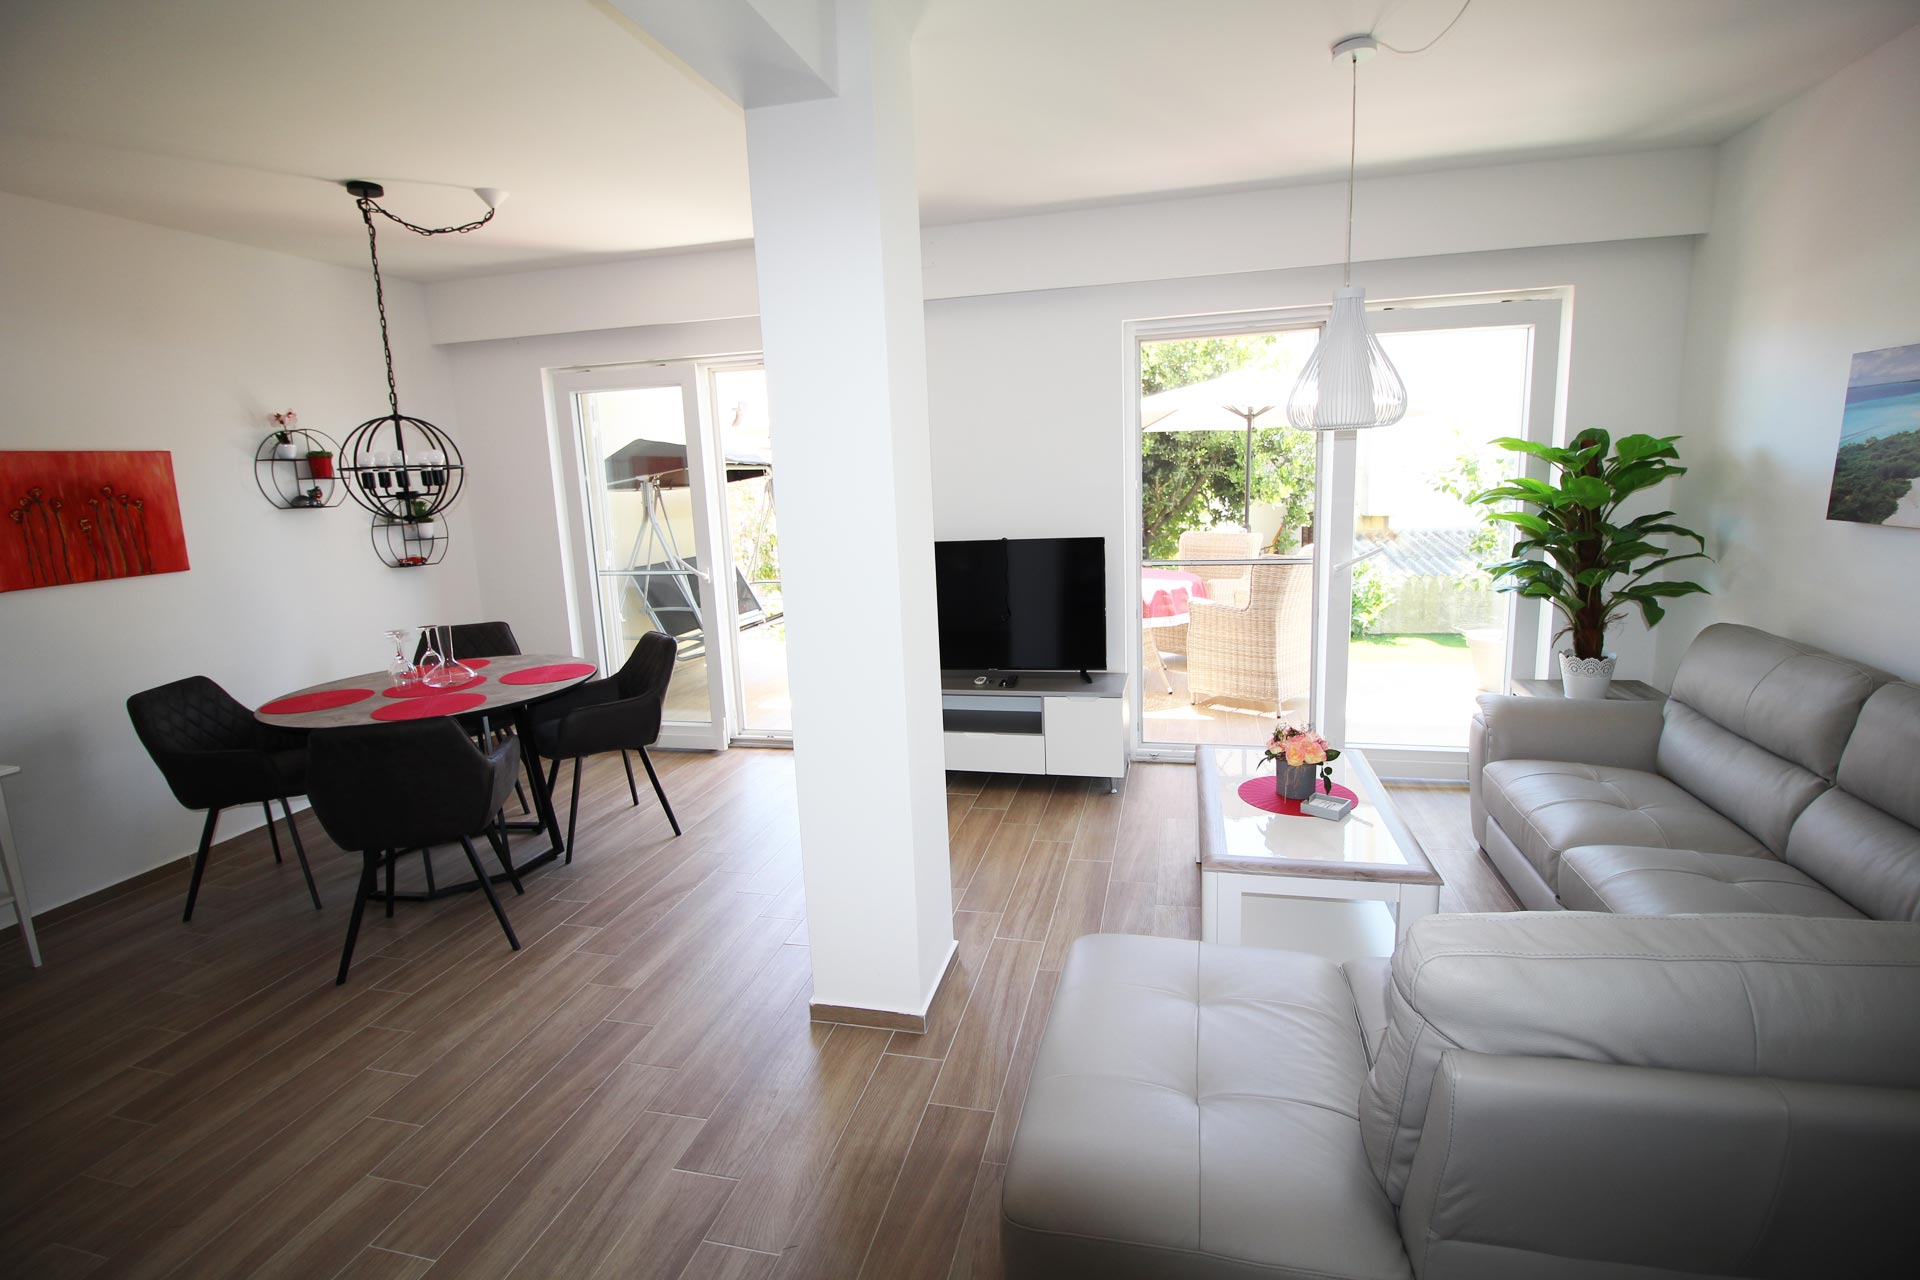 Ferienwohnung im Erdgeschoss - Wohnzimmer mit Couch und TV